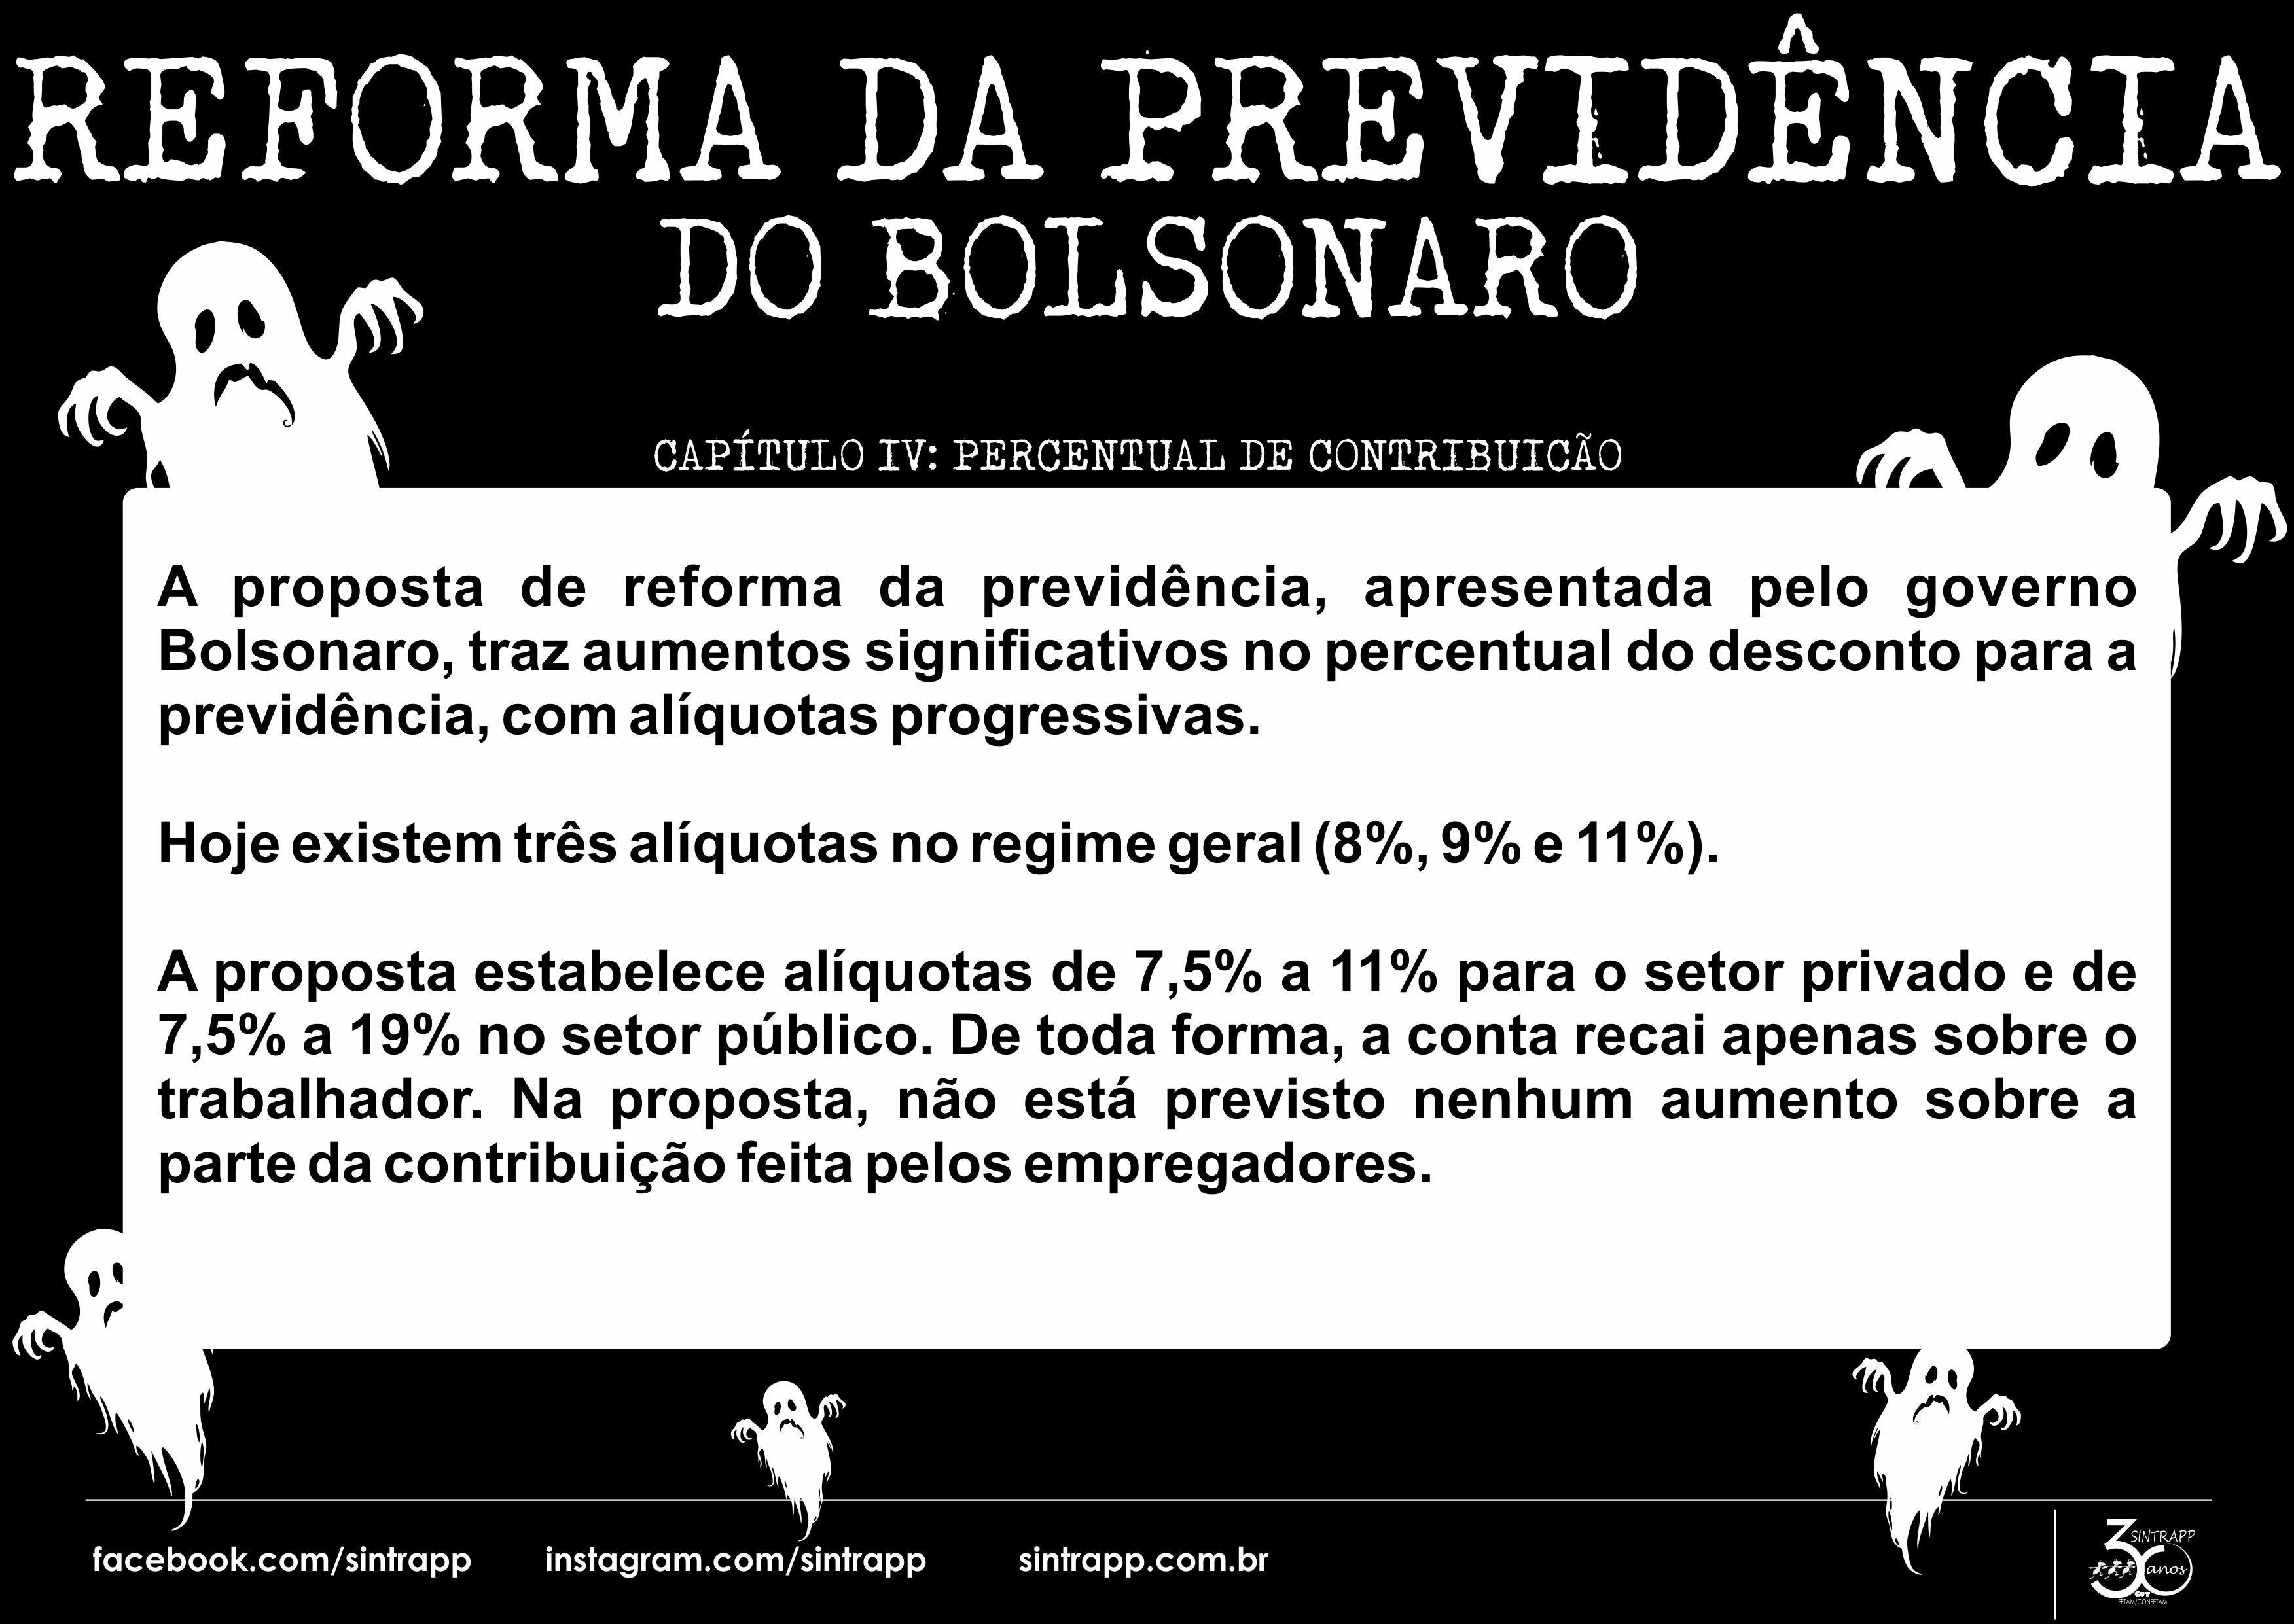 Reforma da previdência: Percentual de Contribuição